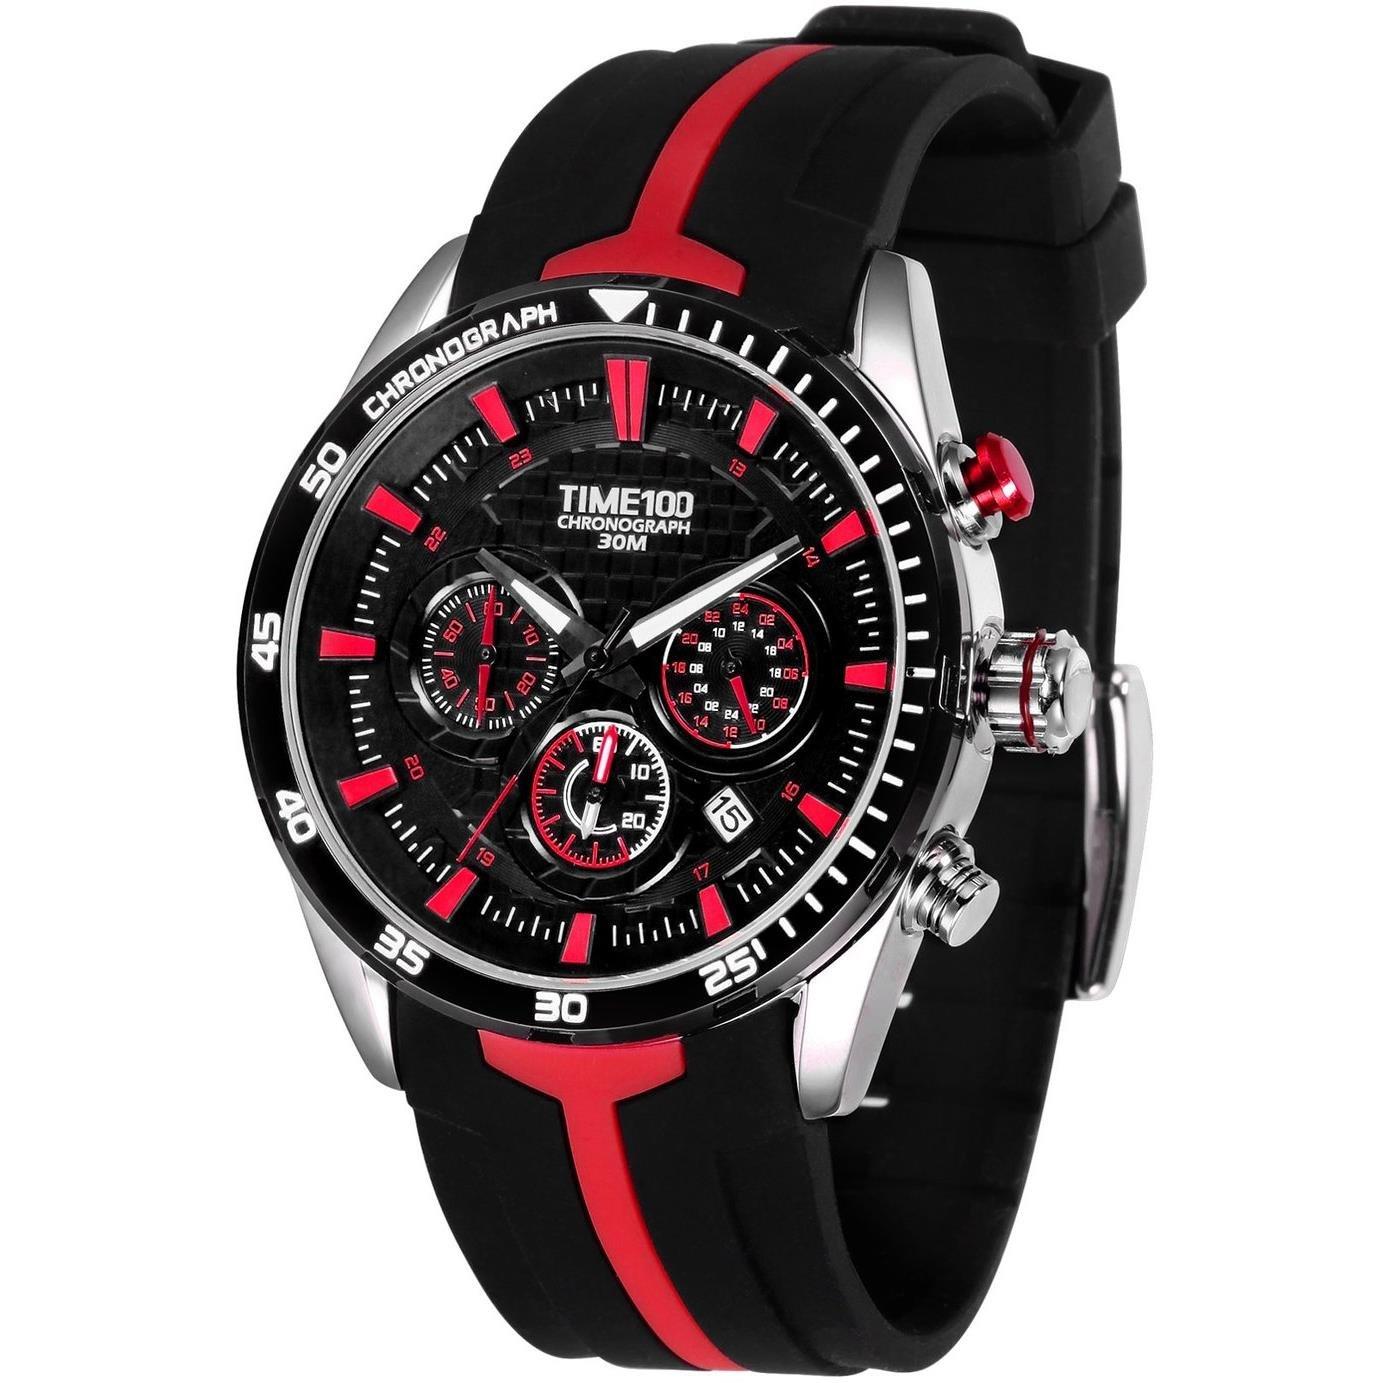 TIME100 Reloj Cuarzo de Silicona de Cuarzo multifunción de la Manera de la Correa de Silicona de los Hombres de los Relojes Deporte